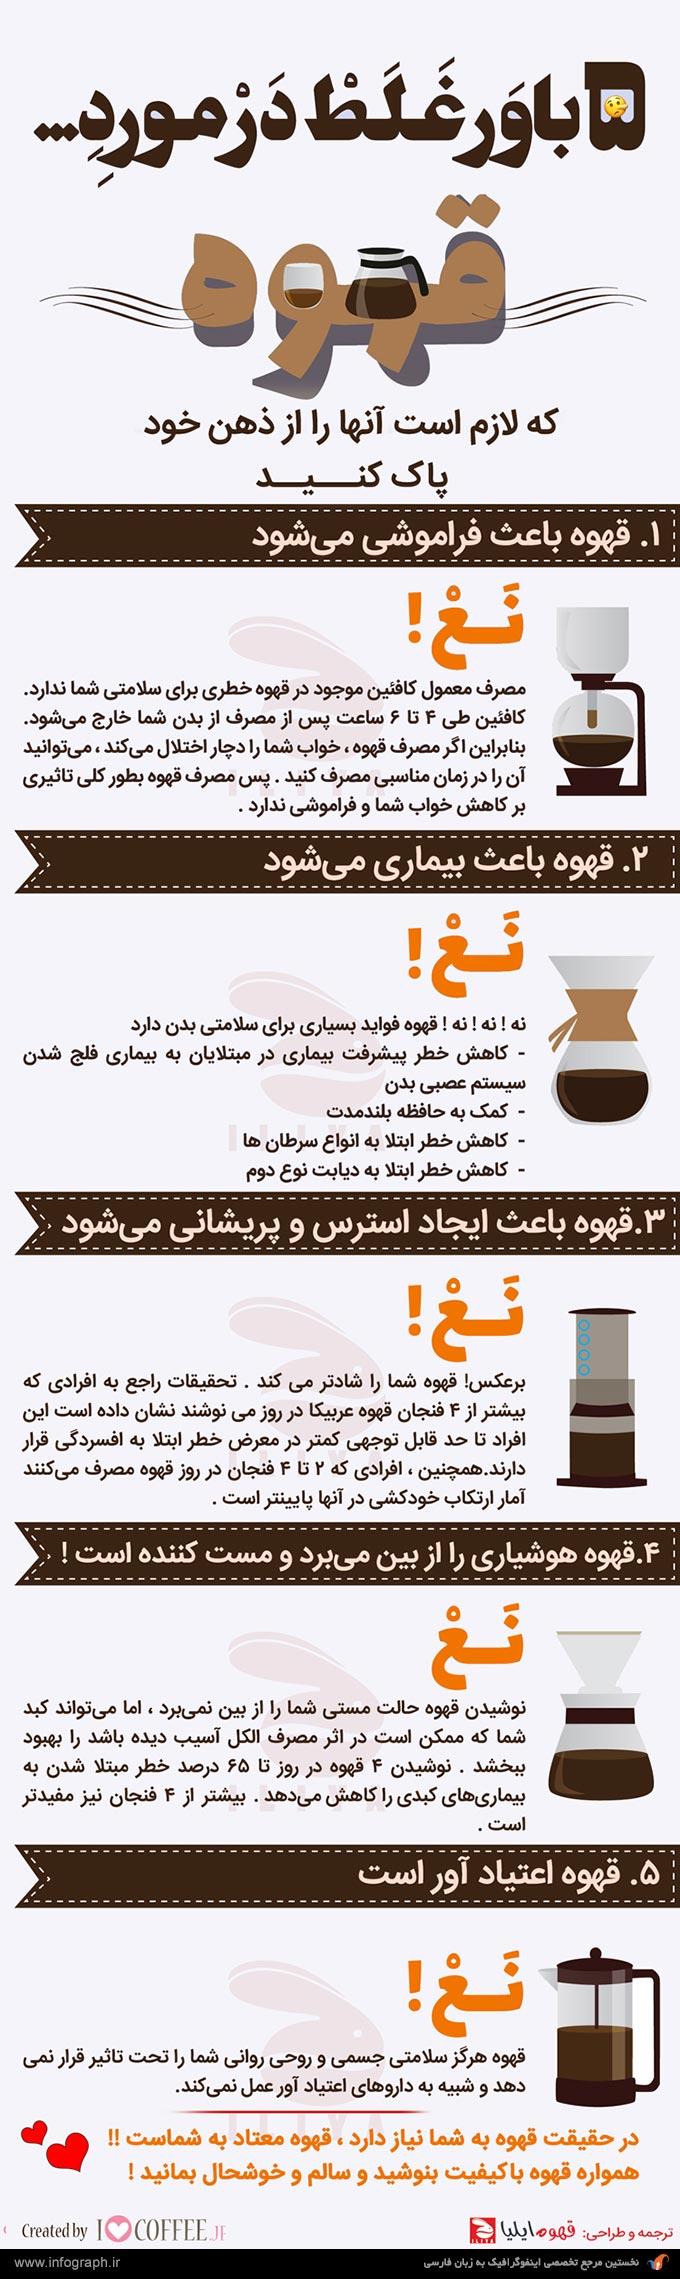 اینفوگرافیک 5 باور غلط در مورد قهوه